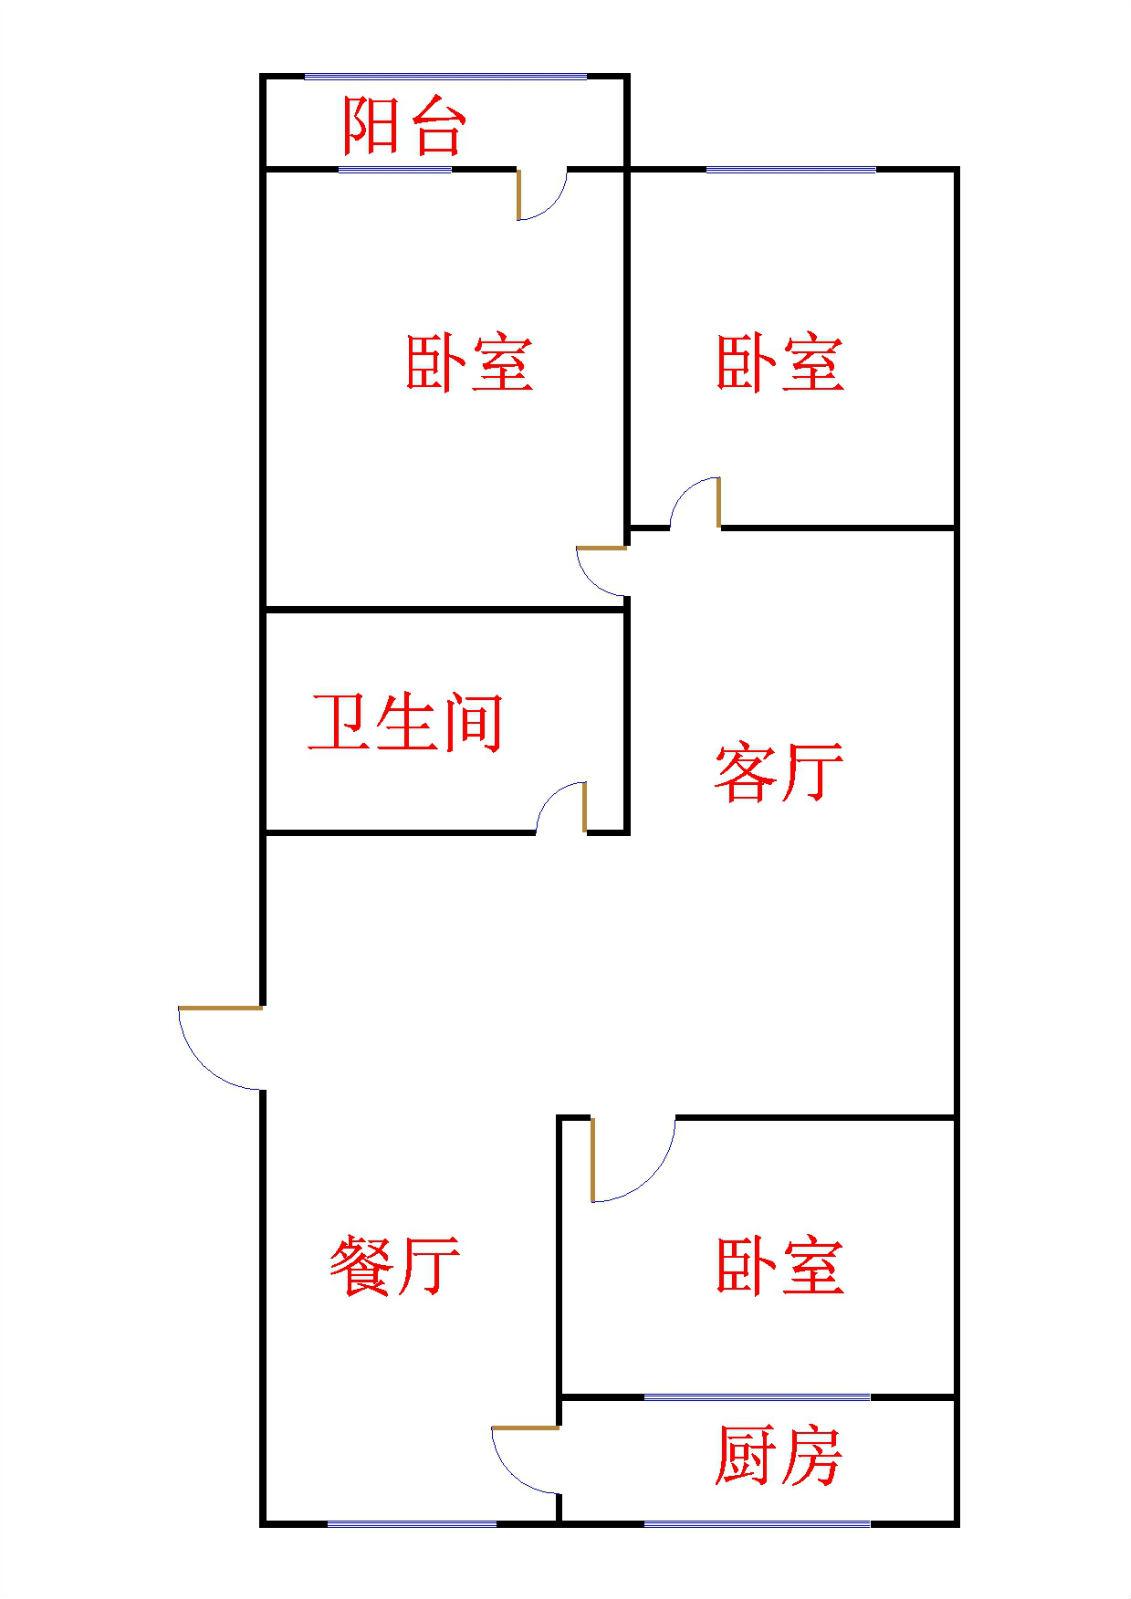 贵康家园 3室2厅 4楼